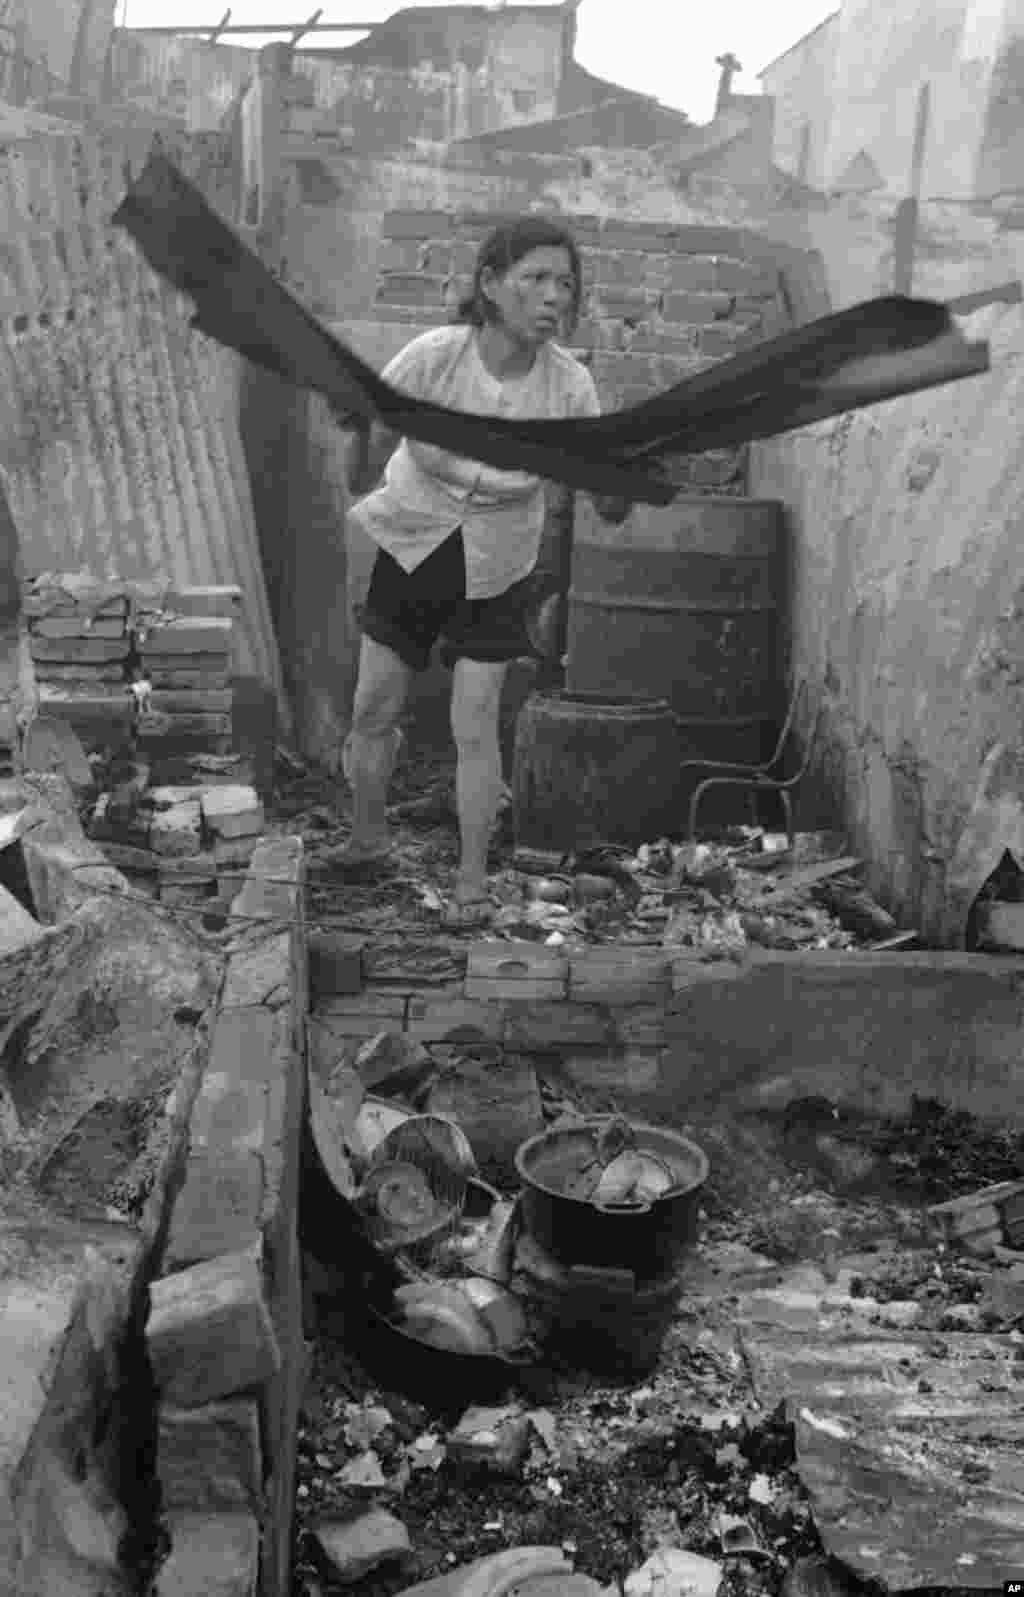 Một người phụ nữ thu nhặt những gì còn sót lại của căn nhà bà sau vụ tấn công bằng rocket vào Sài Gòn gây hỏa hoạn, ngày 27 tháng 4, 1975. Hãng tin AP cho biết những rocket là do Nga chế tạo được quân Cộng sản miền Bắc bắn từ ngoài thành phố.